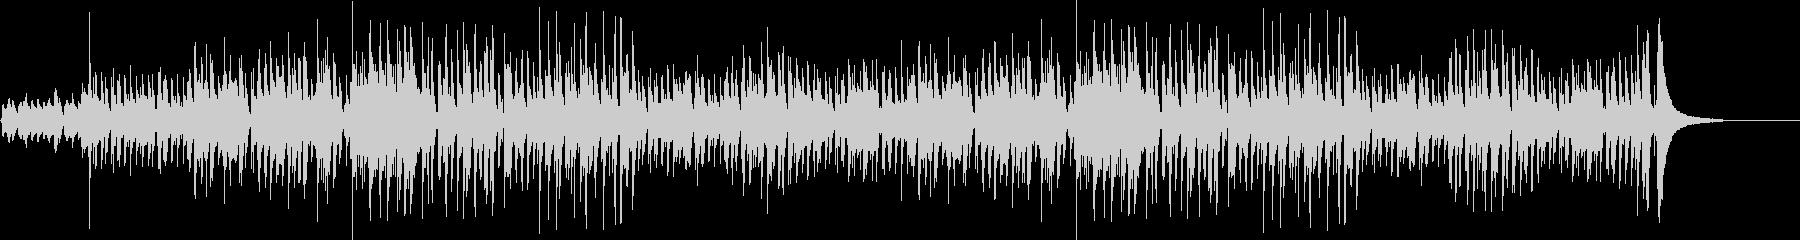 伝統的 ジャズ ビバップ ほのぼの...の未再生の波形